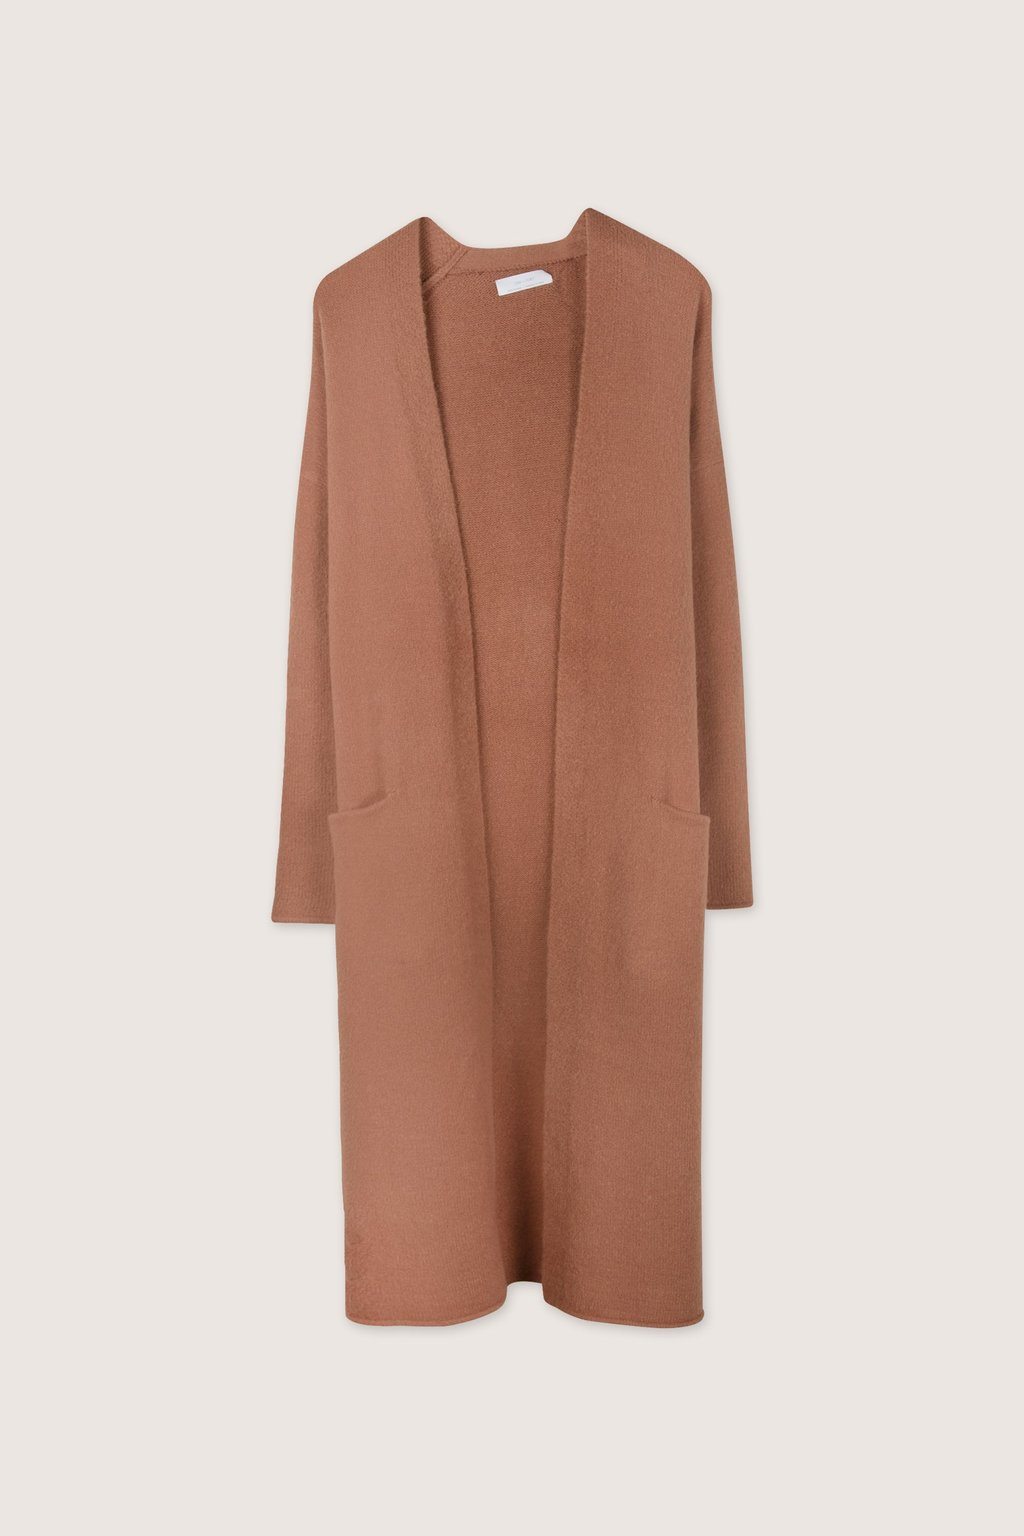 Cardigan 1550 Pink 15